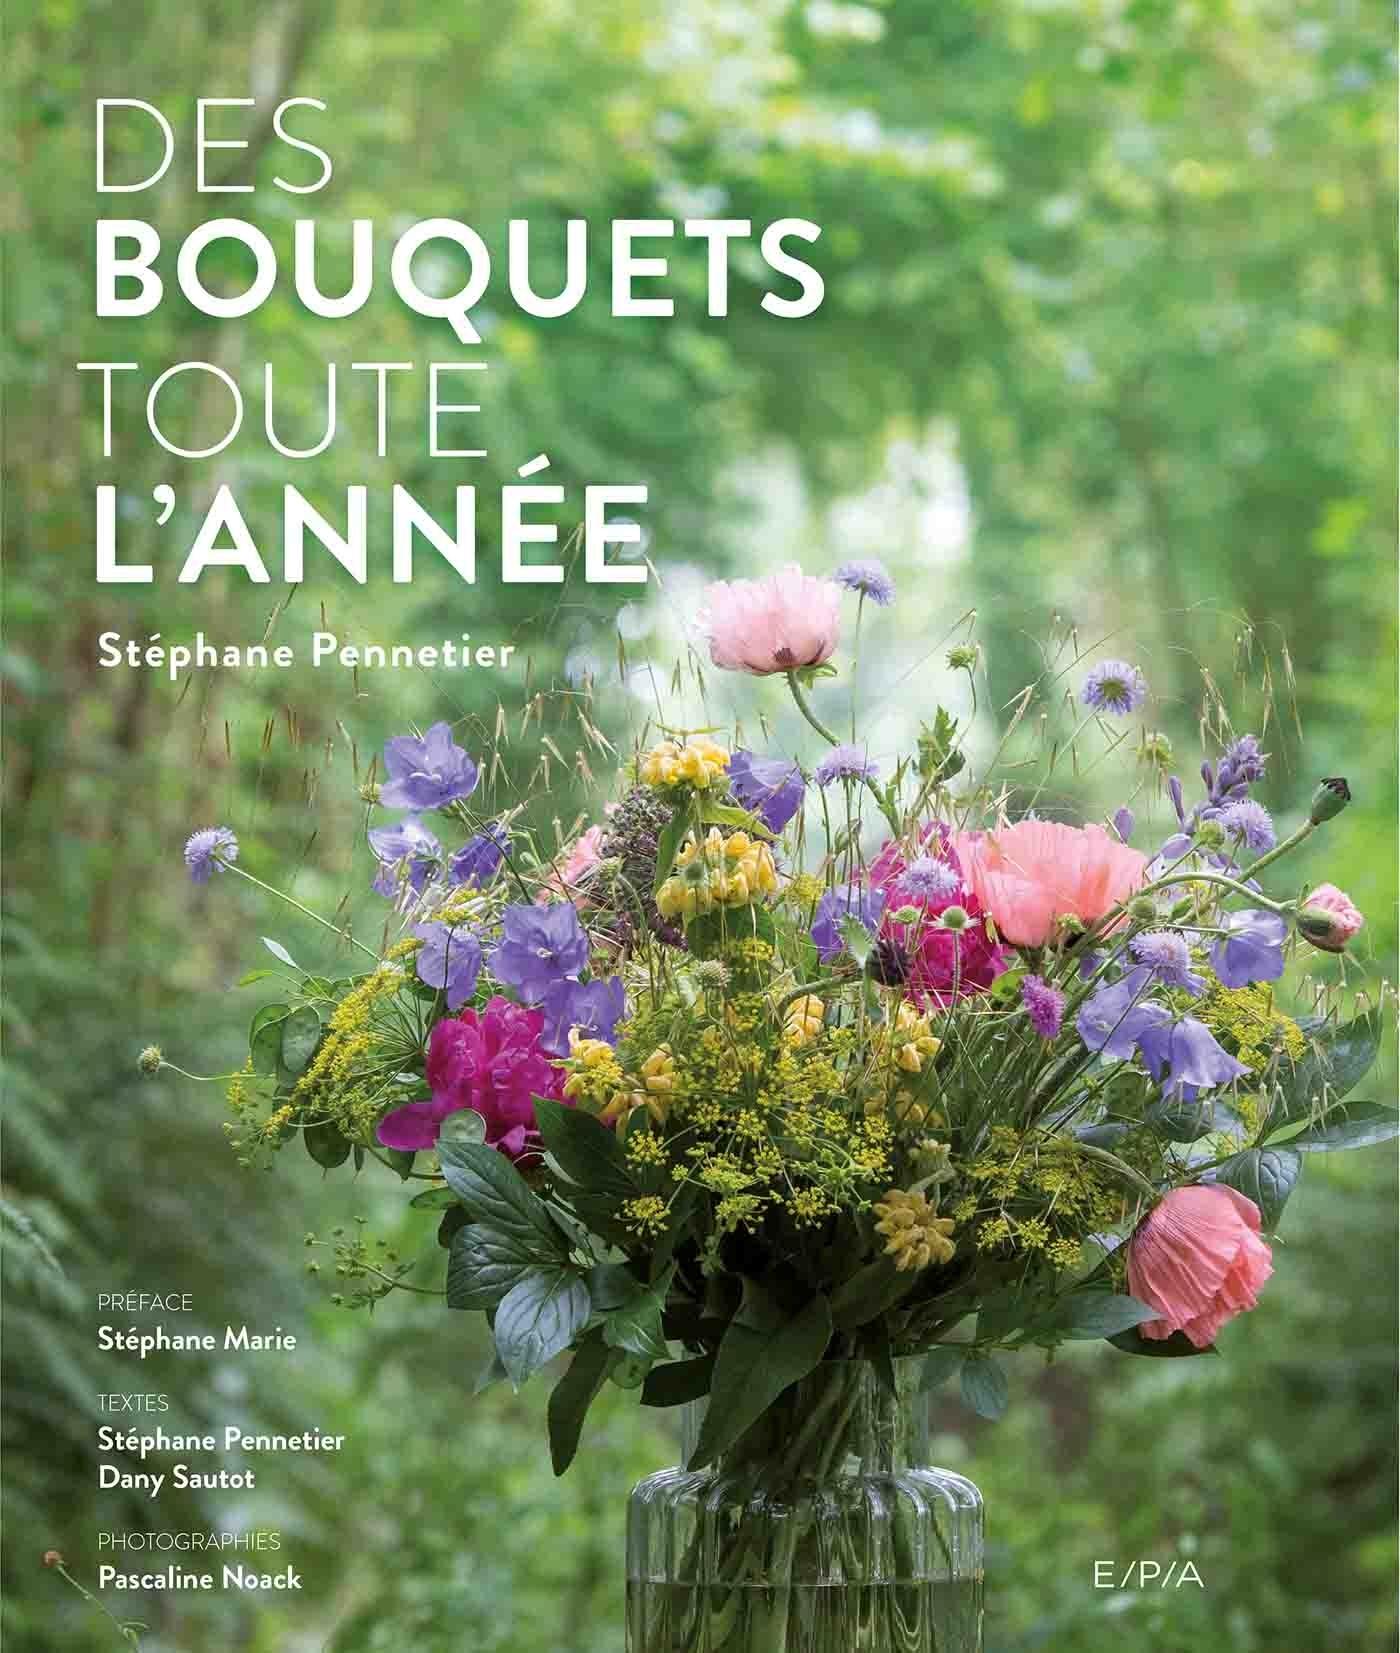 DES BOUQUETS TOUTE L'ANNEE